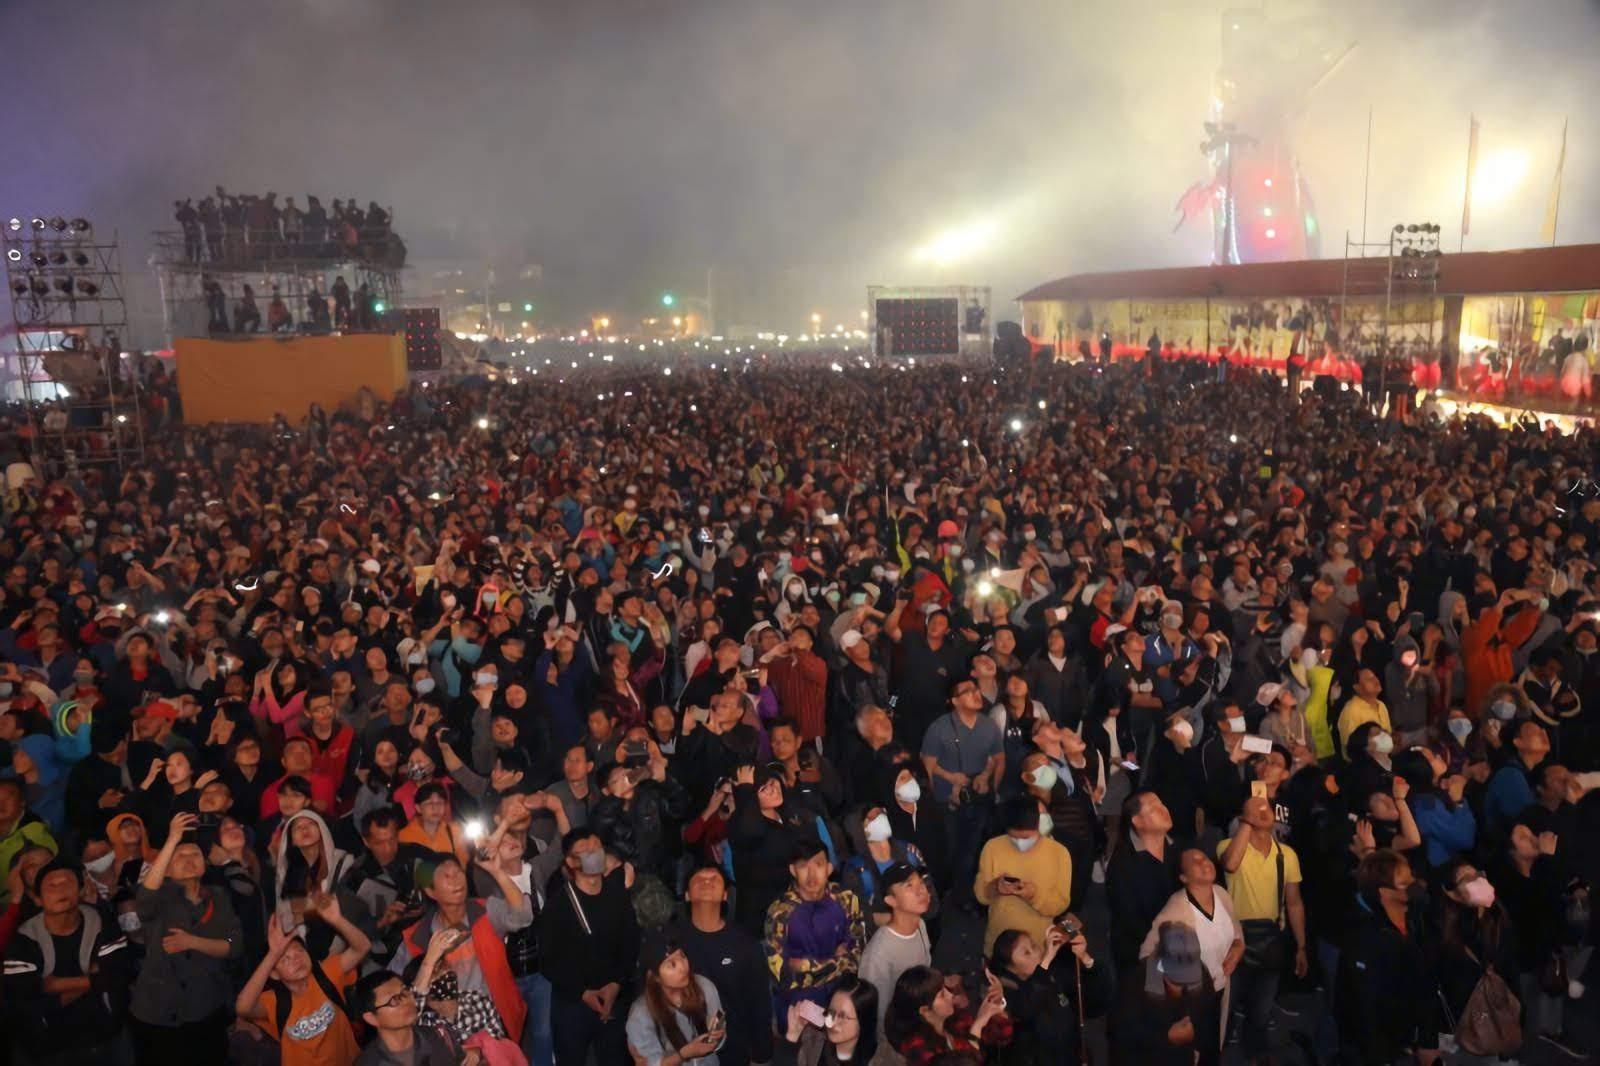 [活動] 鹿耳門聖母廟除夕跨年晚會×新春嘉年華會|重頭戲:國際高空煙火秀元宵節登場